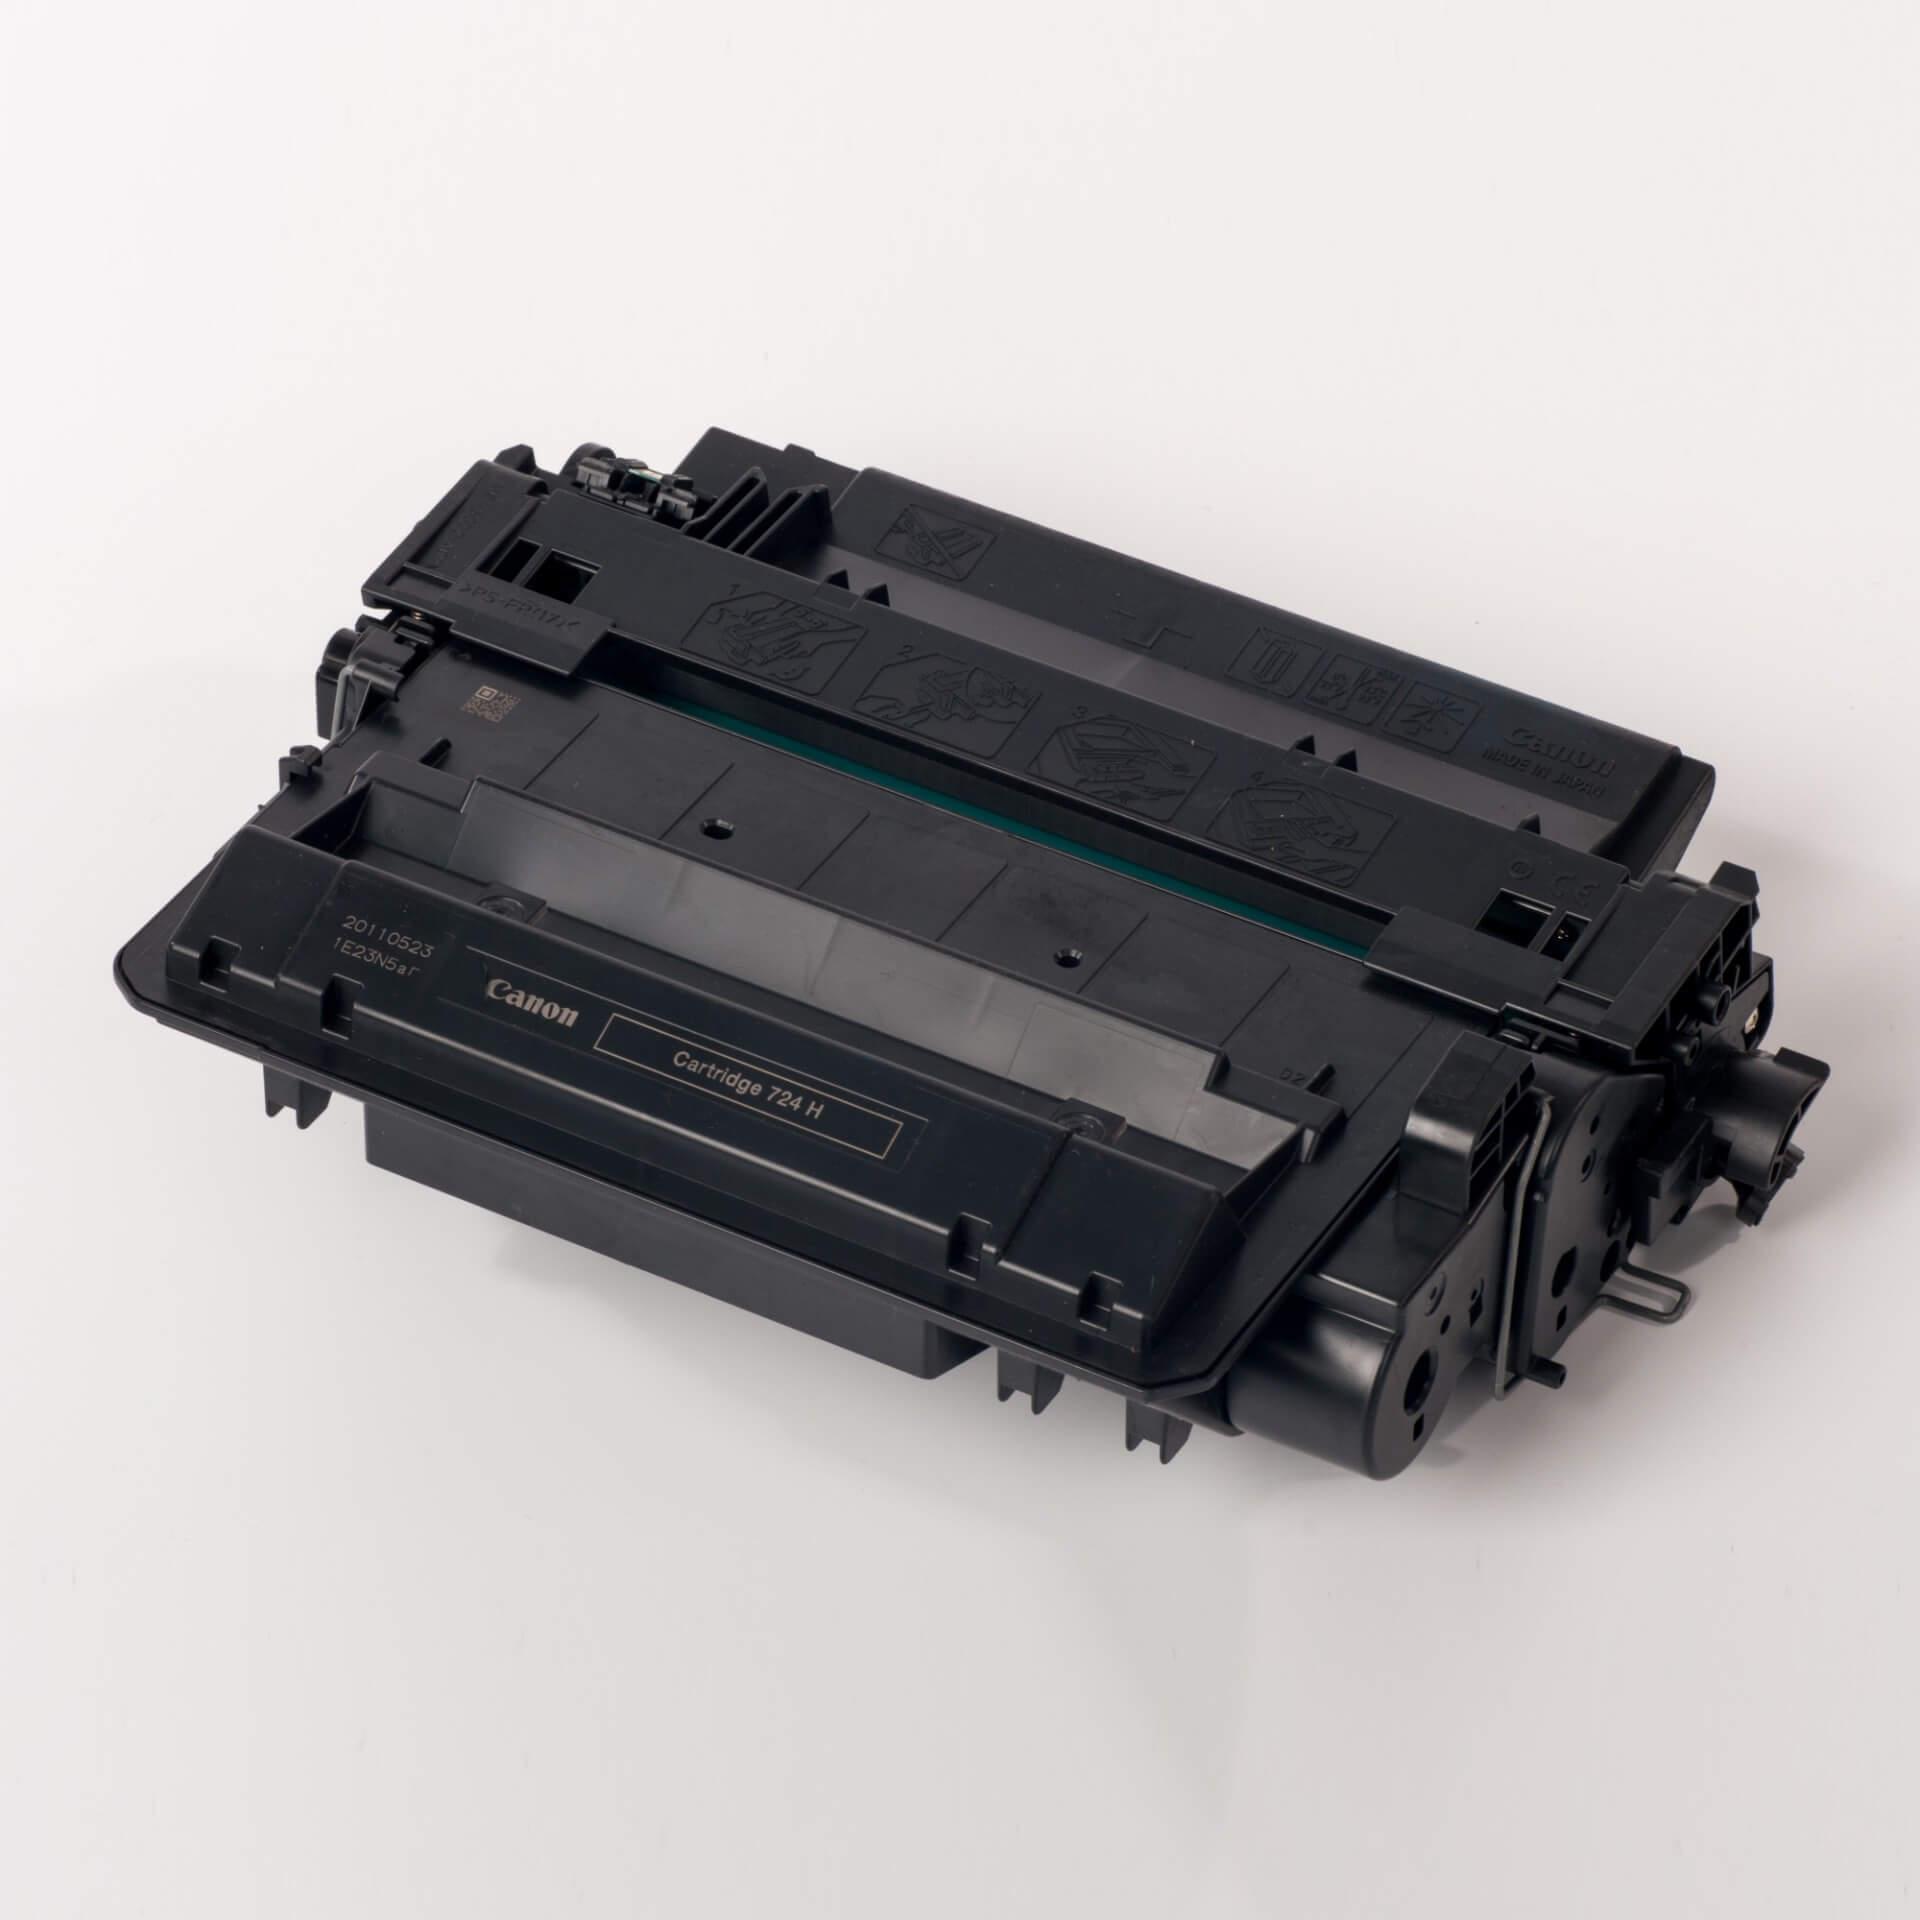 Auf dem Bild sehen Sie eine Canon 3482B002 724H Original Tonerkartusche Schwarz